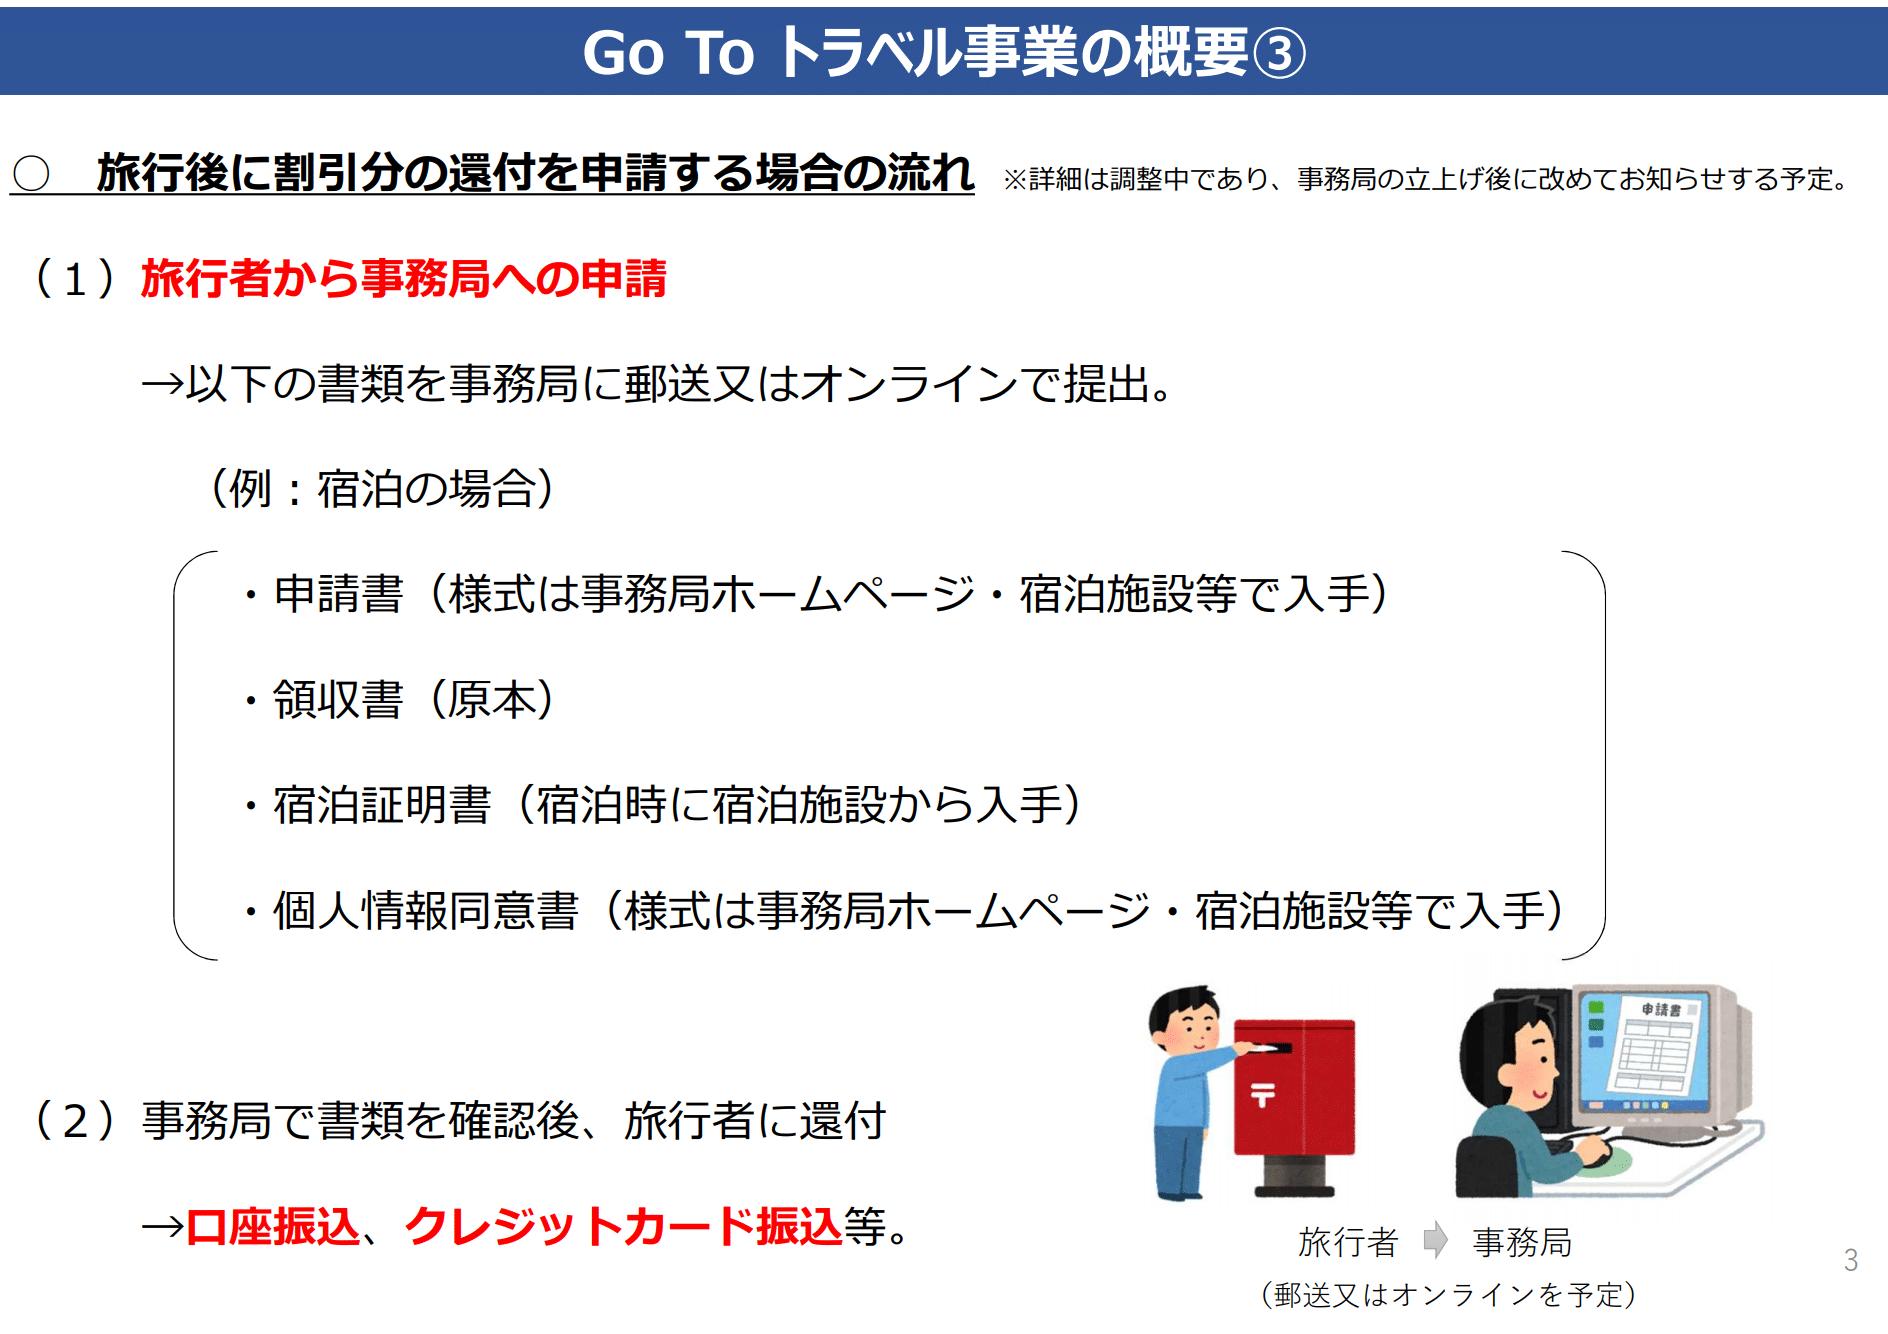 国土交通省観光庁の資料GoToトラベルキャンペーンの申請方法